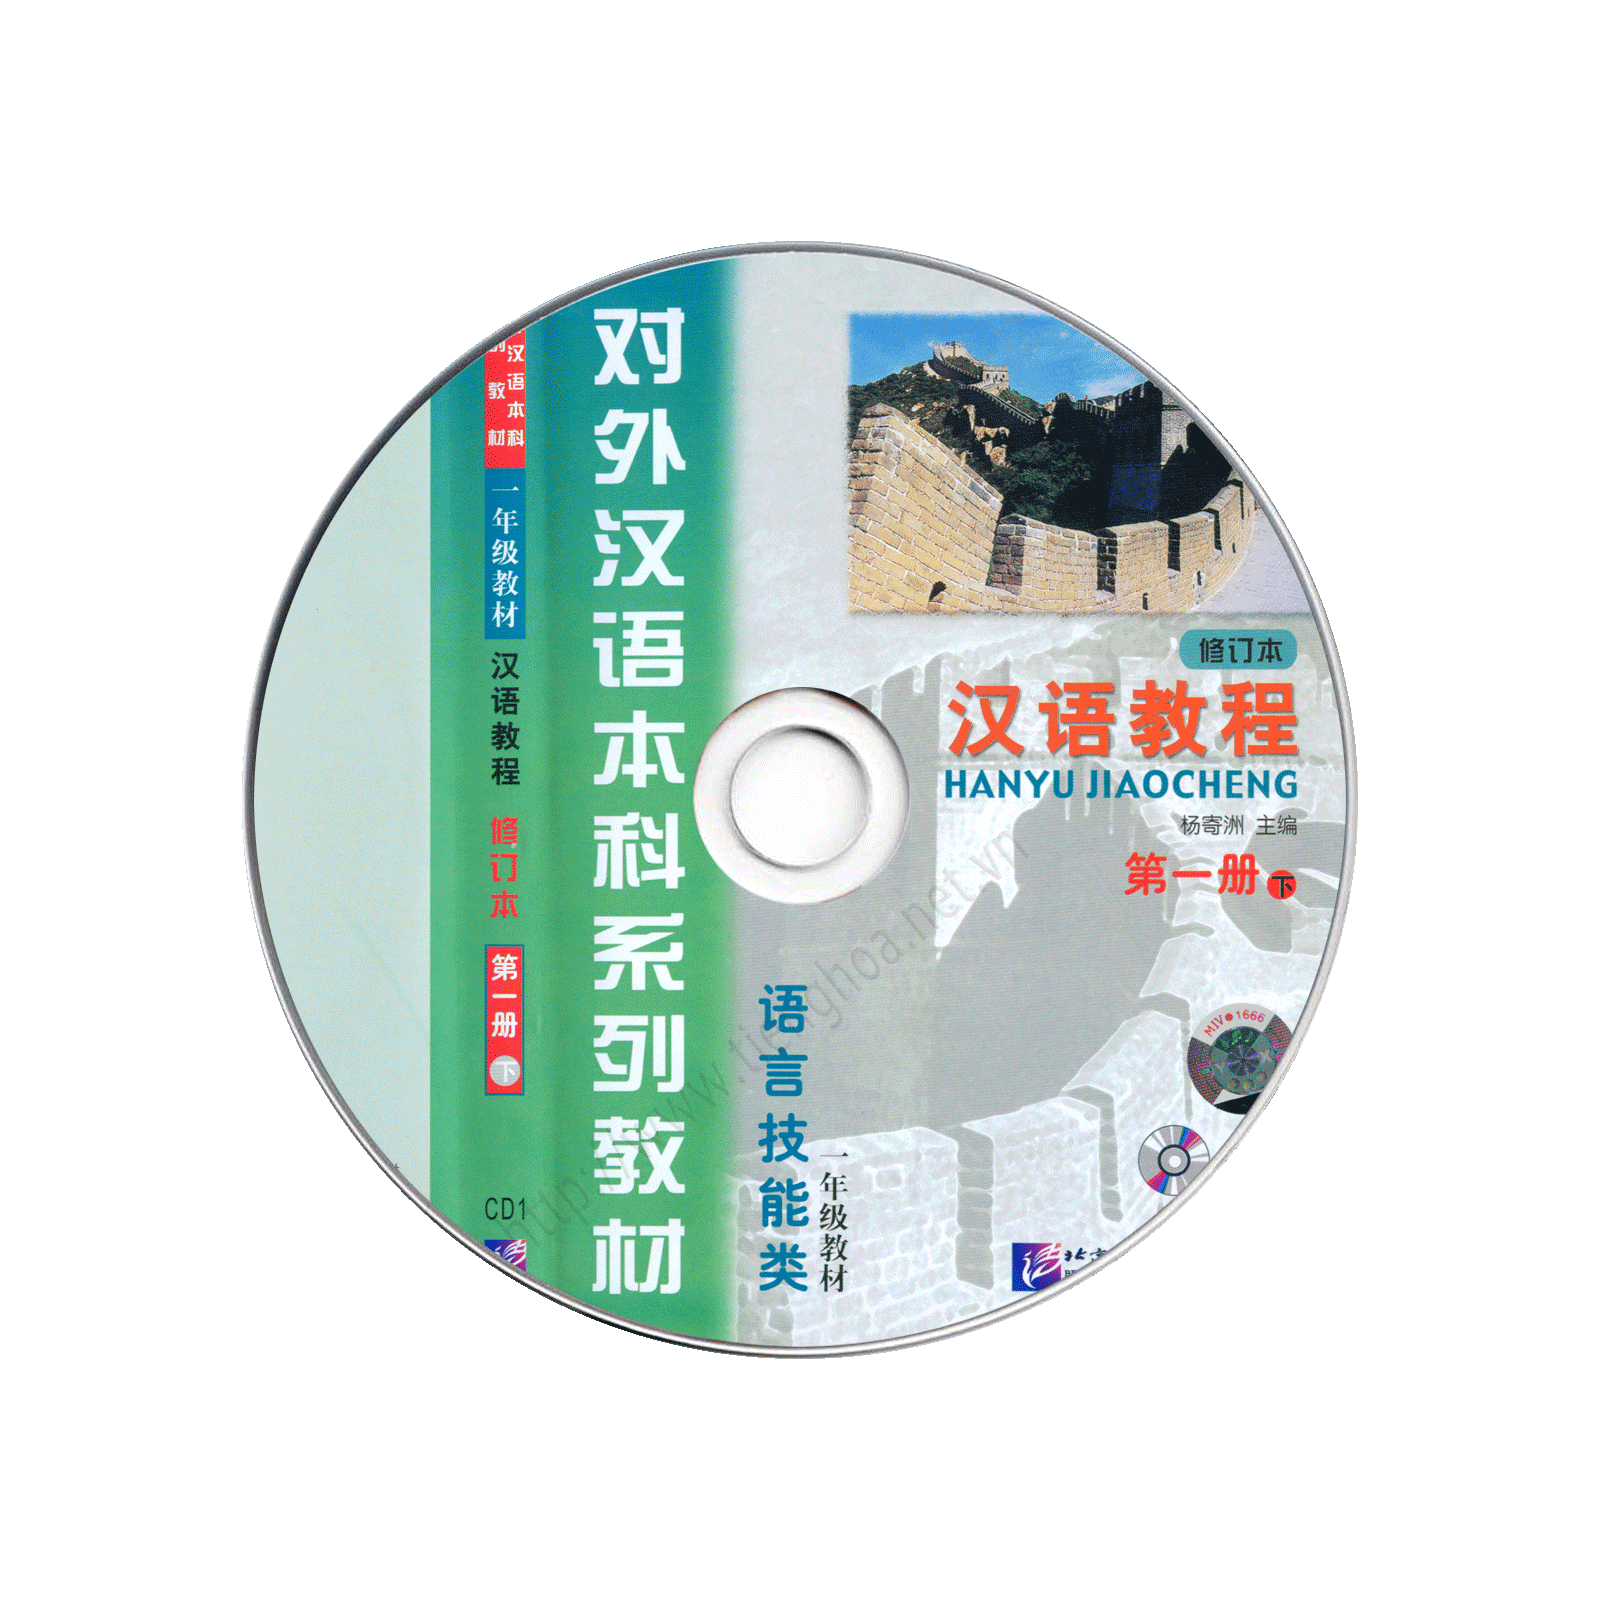 Hanyu Jiaocheng Di1Ce Xiace Xiudingben Audio